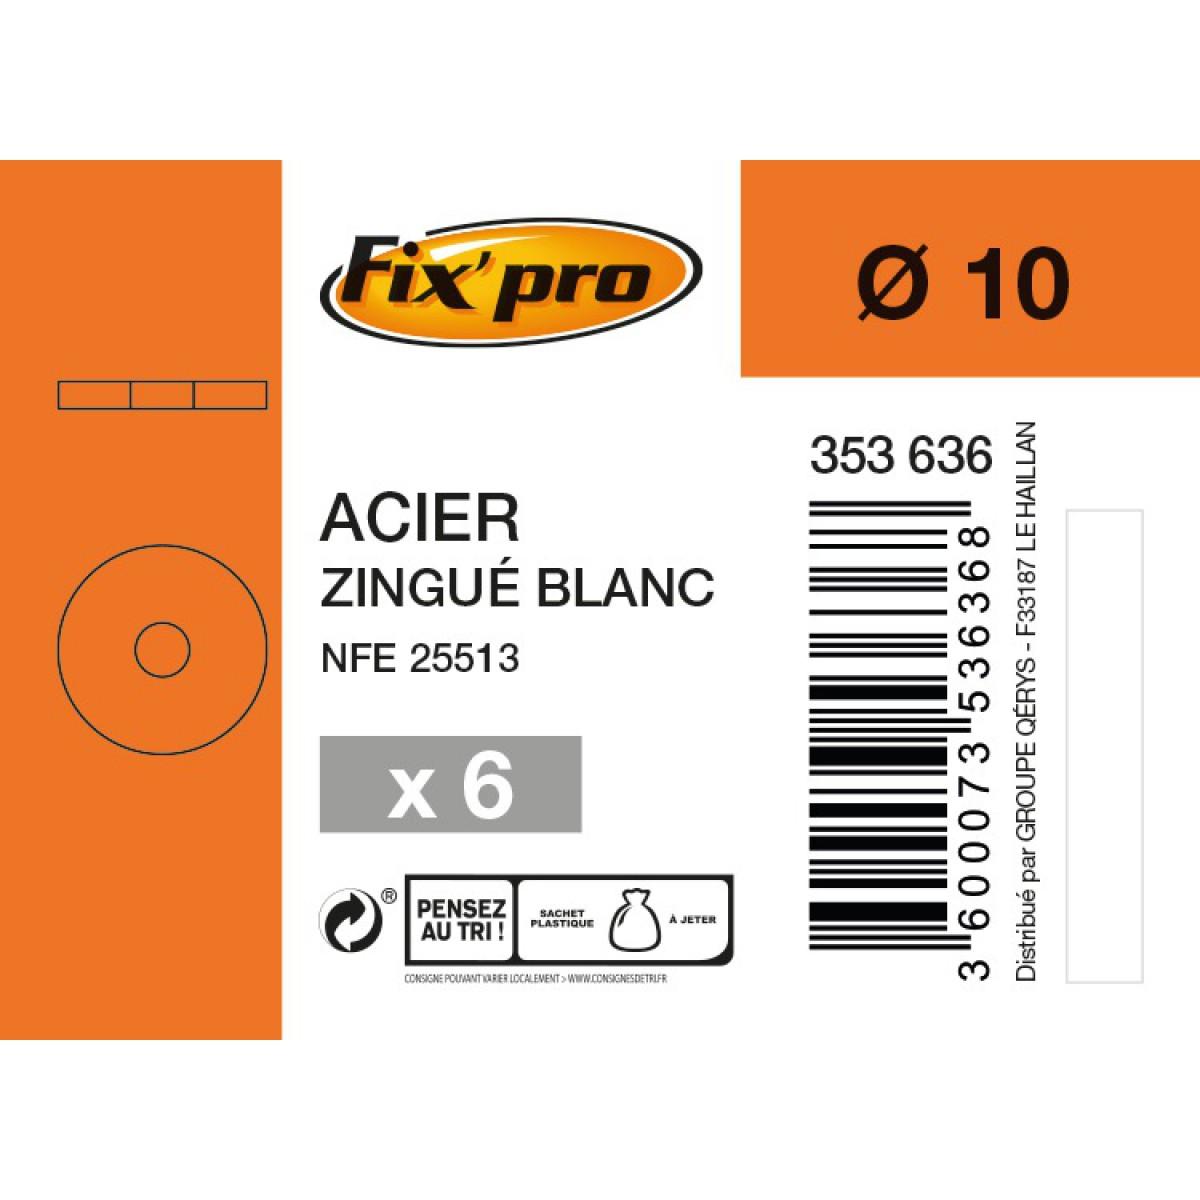 Rondelle carrossier acier zingué - Ø10mm - 6pces - Fixpro